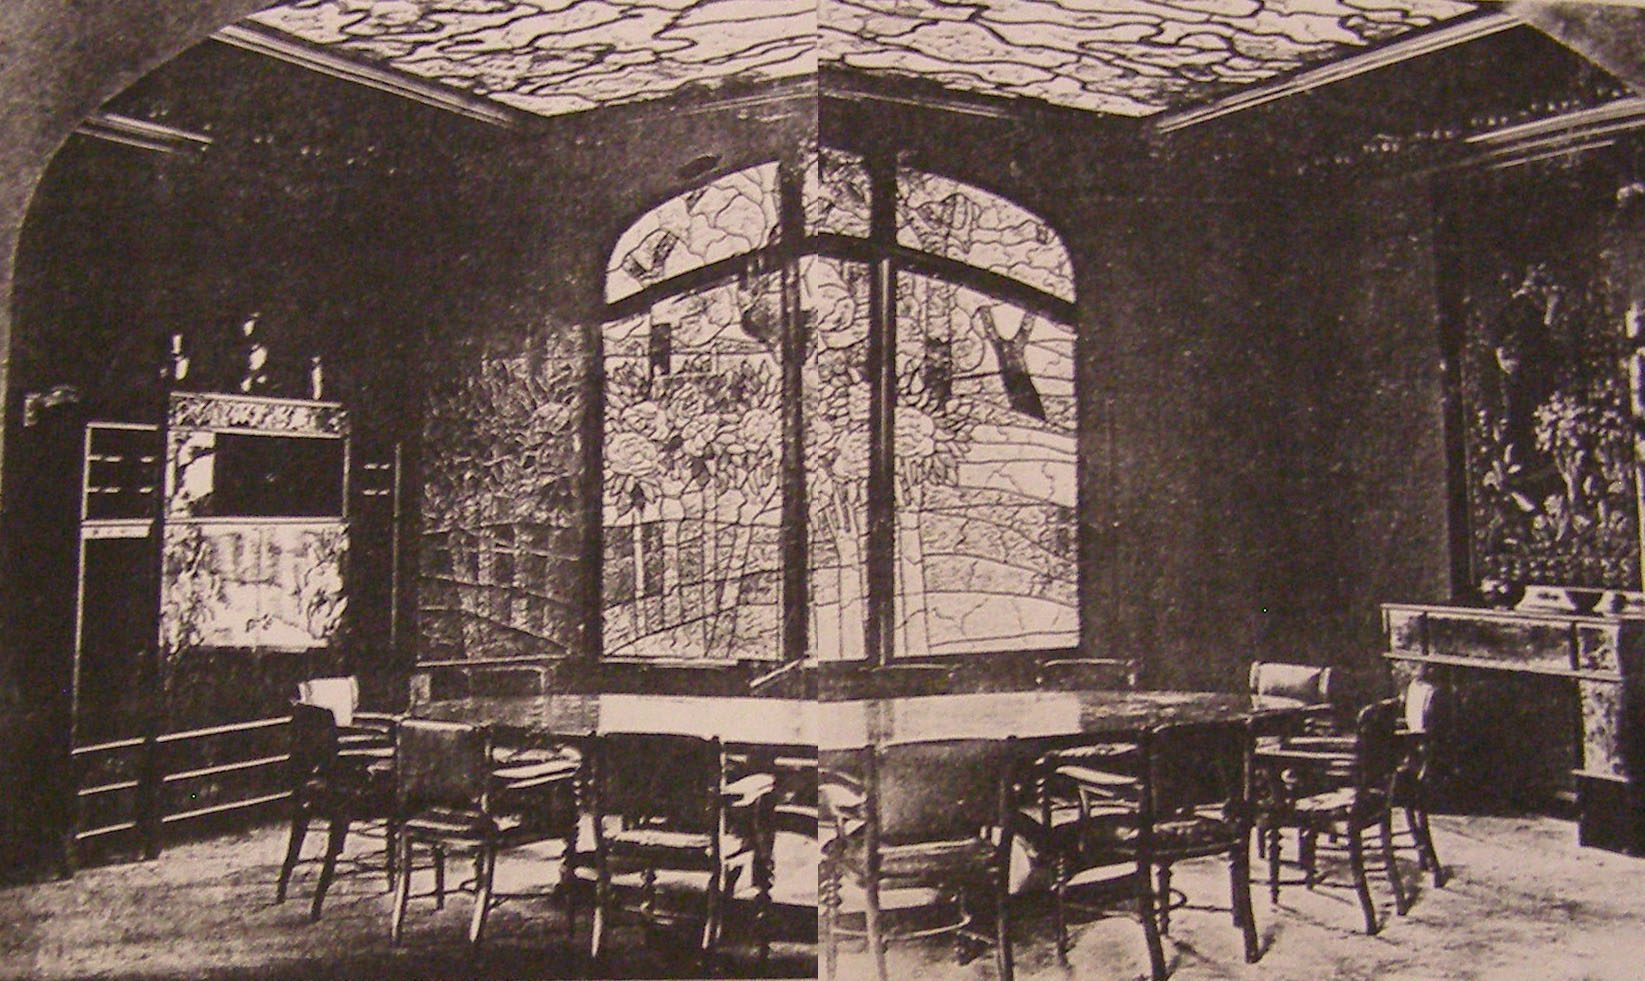 Rippl-Rónai által tervezett ebédlő intérieurje (forrás: KÖH Észak-alföldi Iroda)